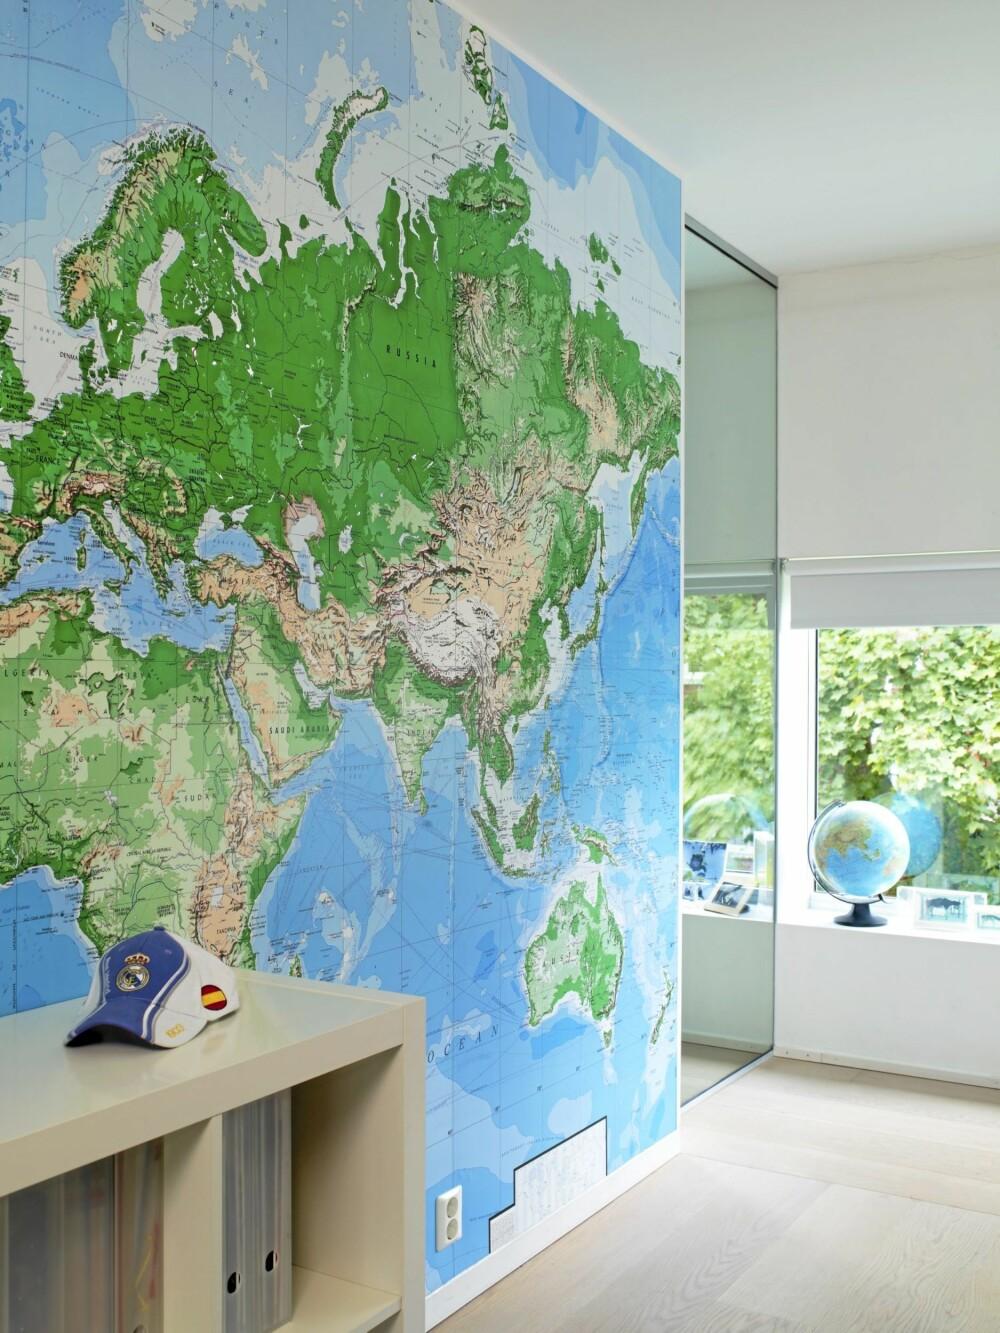 KARTLAGT. Et stor verdenskart dekker hele veggen på gutterommet.